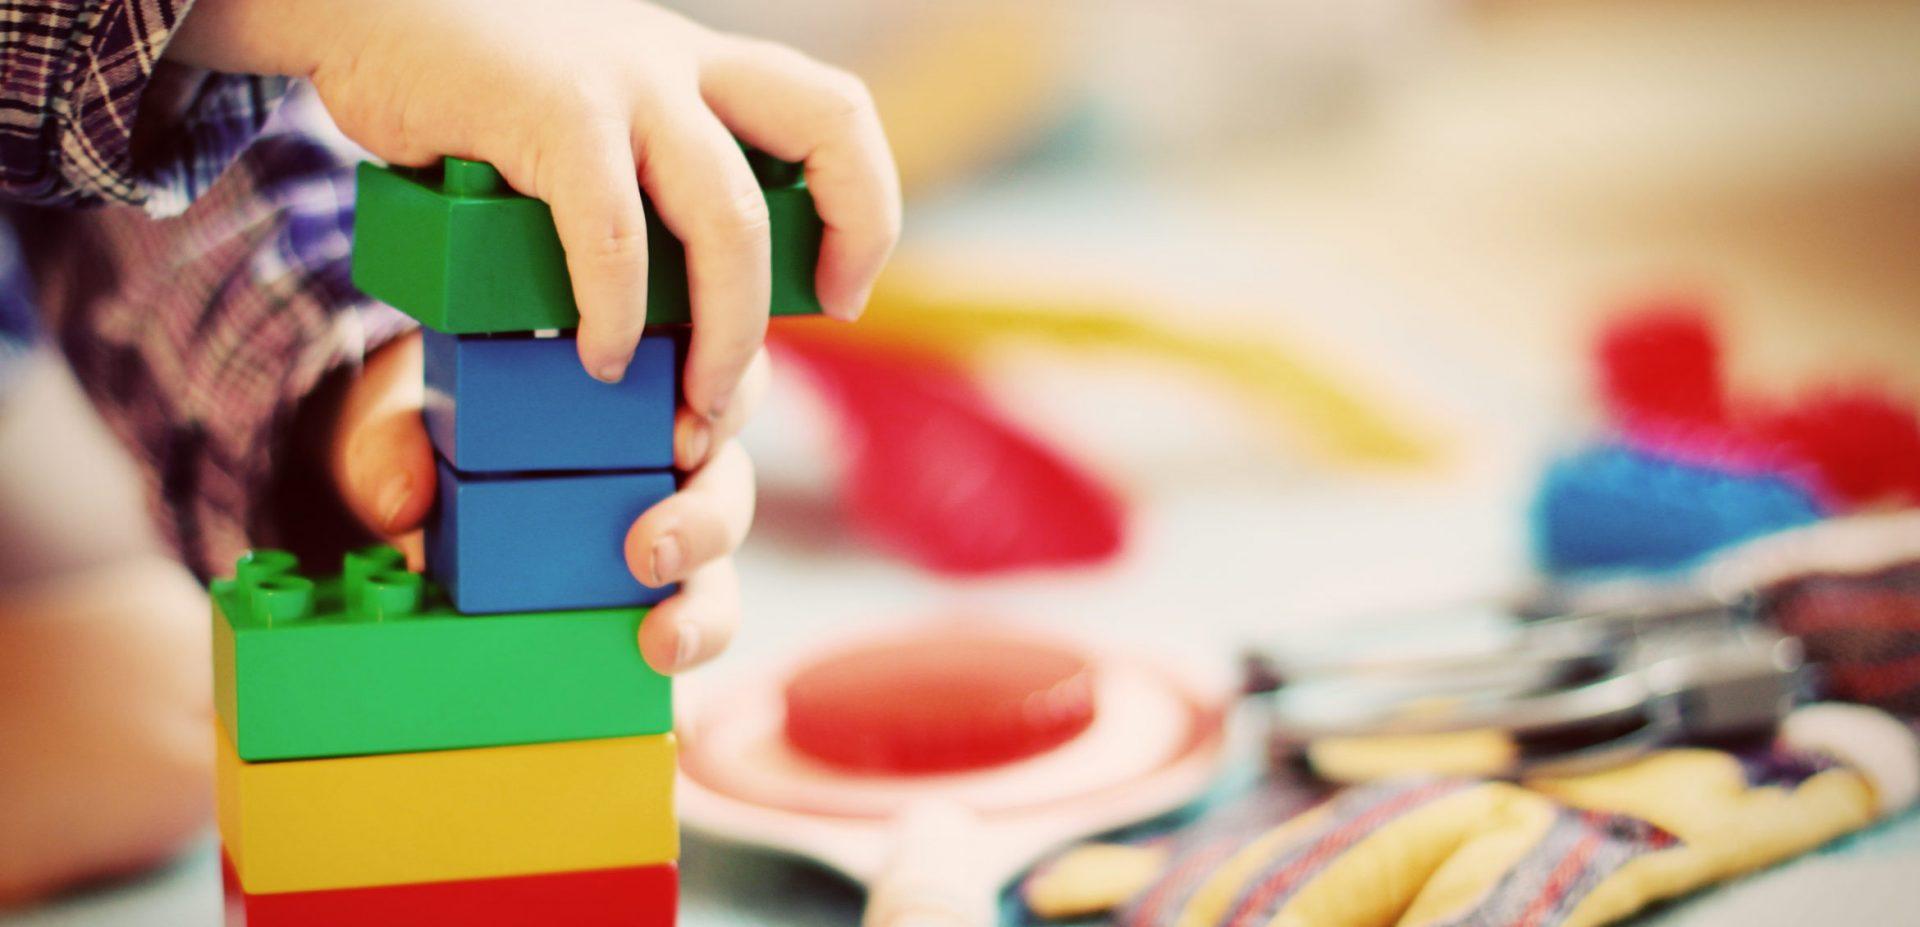 Гепатит А обнаружен в детских садах Киева